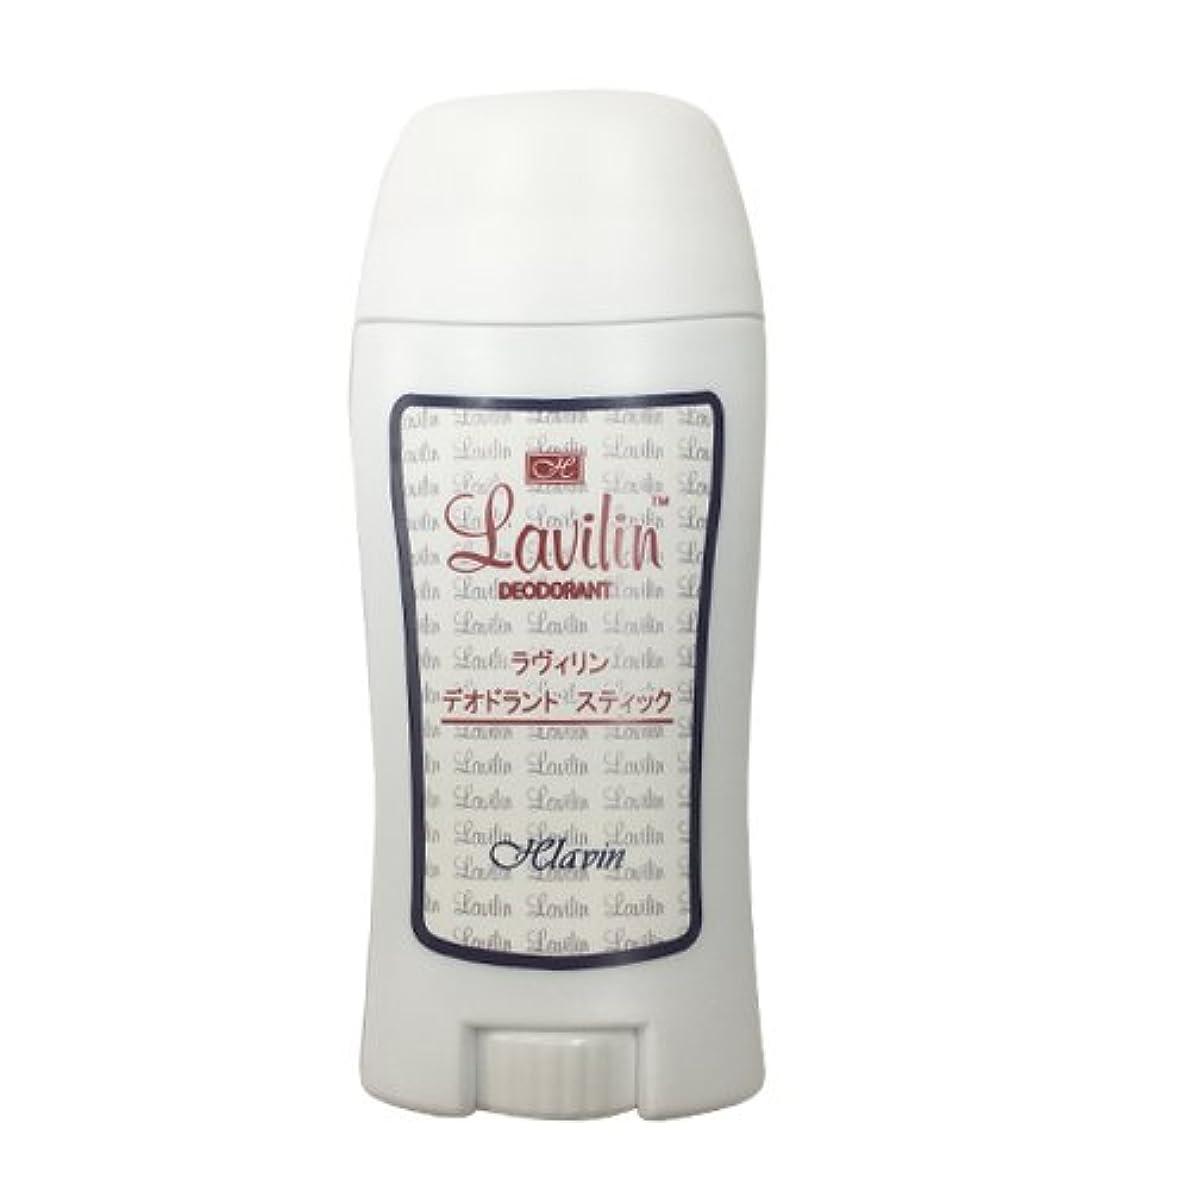 見える仮定作り上げるラヴィリン デオドラント スティック (Lavilin deodorant stick) 60ml